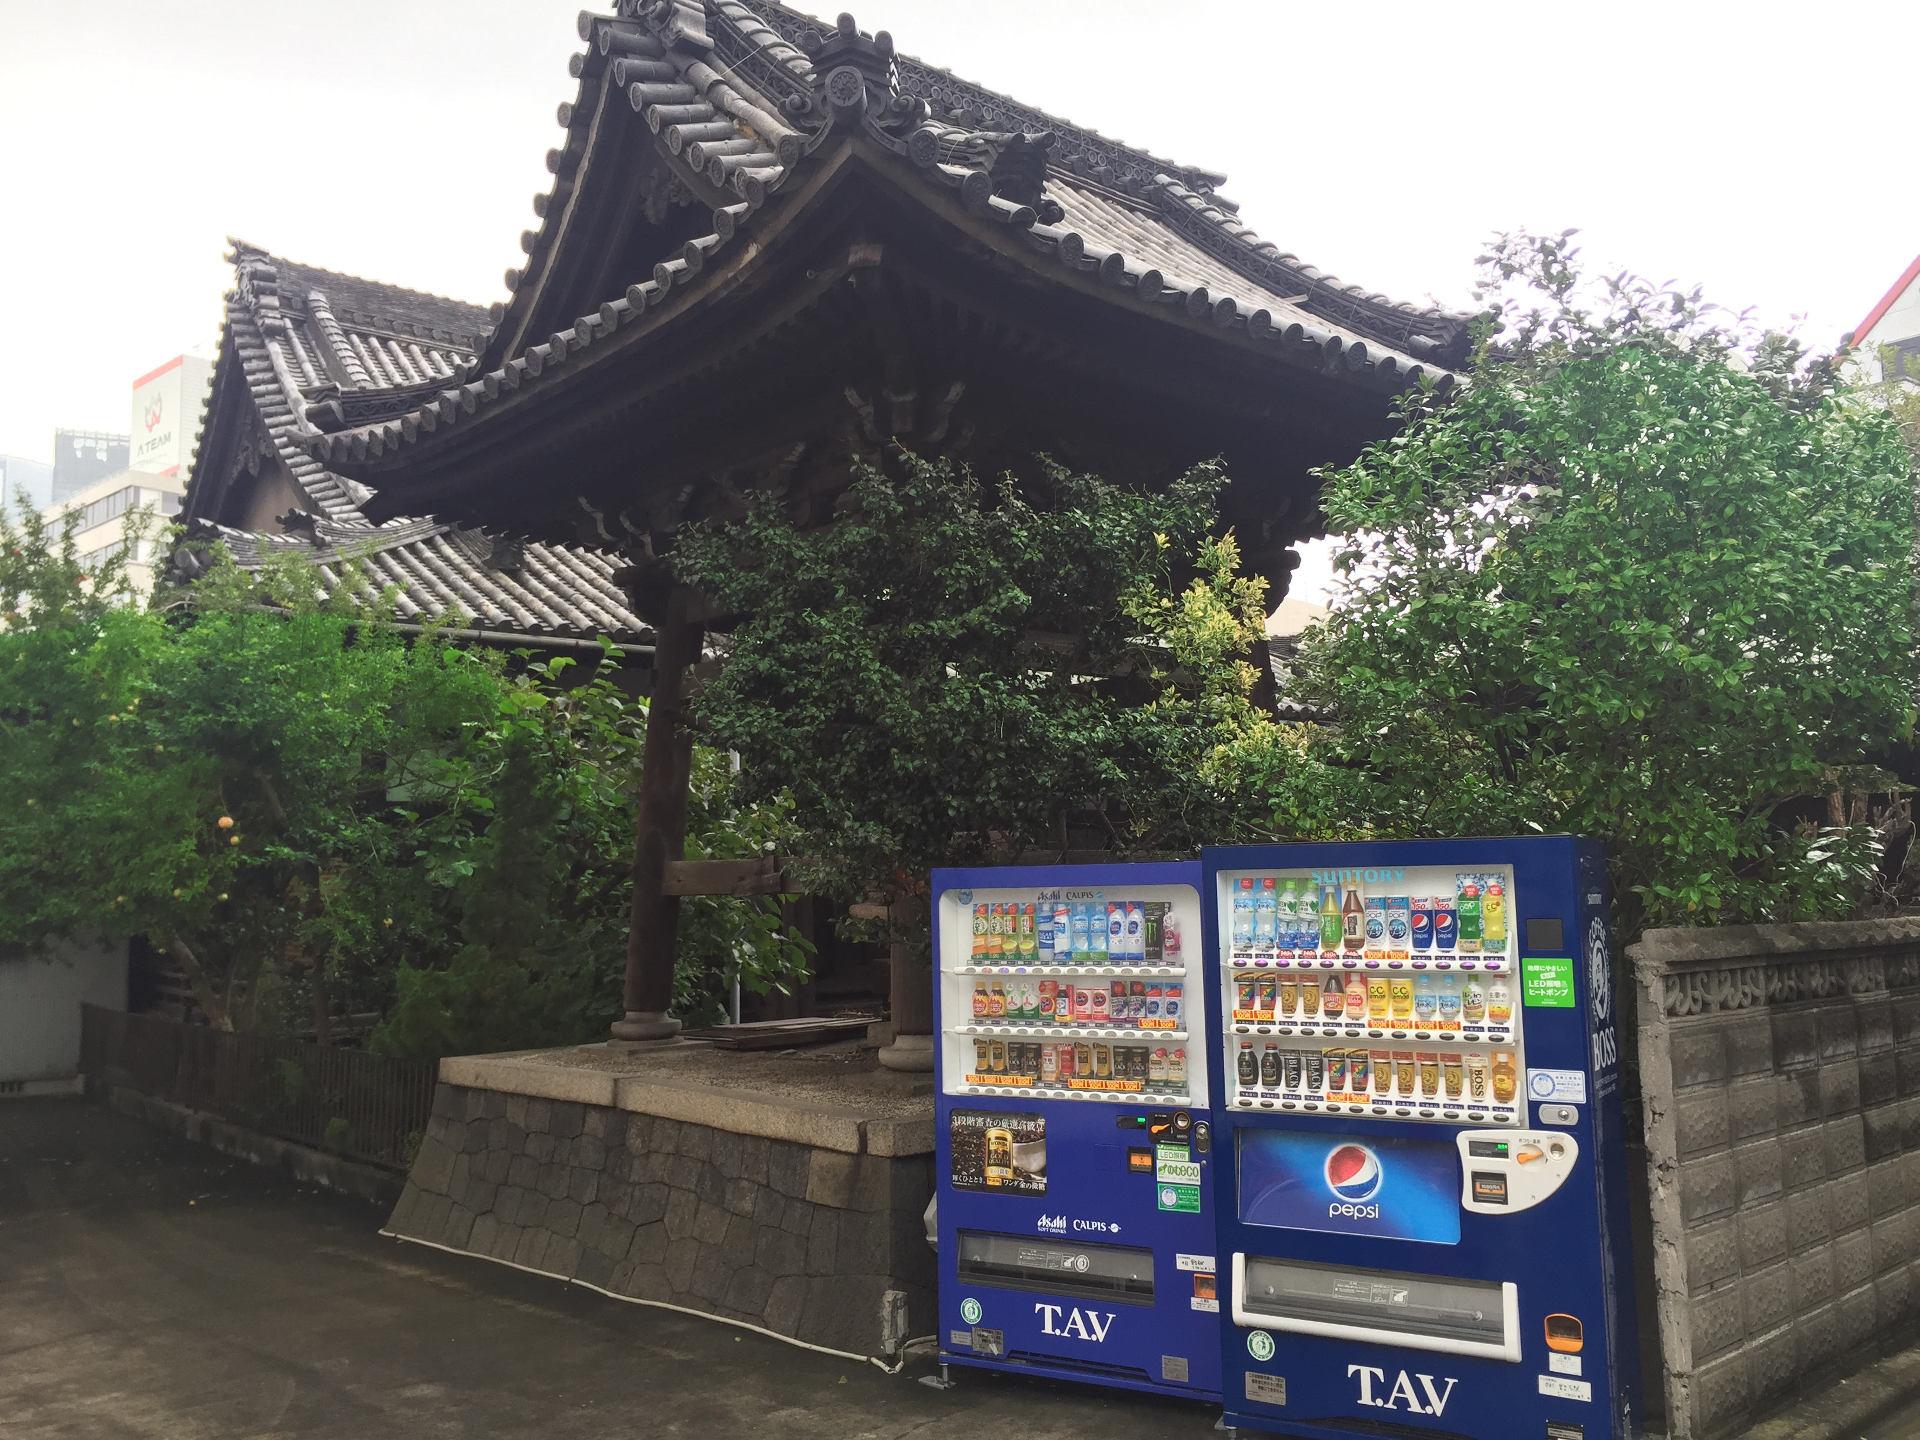 tokio japonia tokyo japan automatyznapojami japoniaautomatyznapojami iglawpodrozy